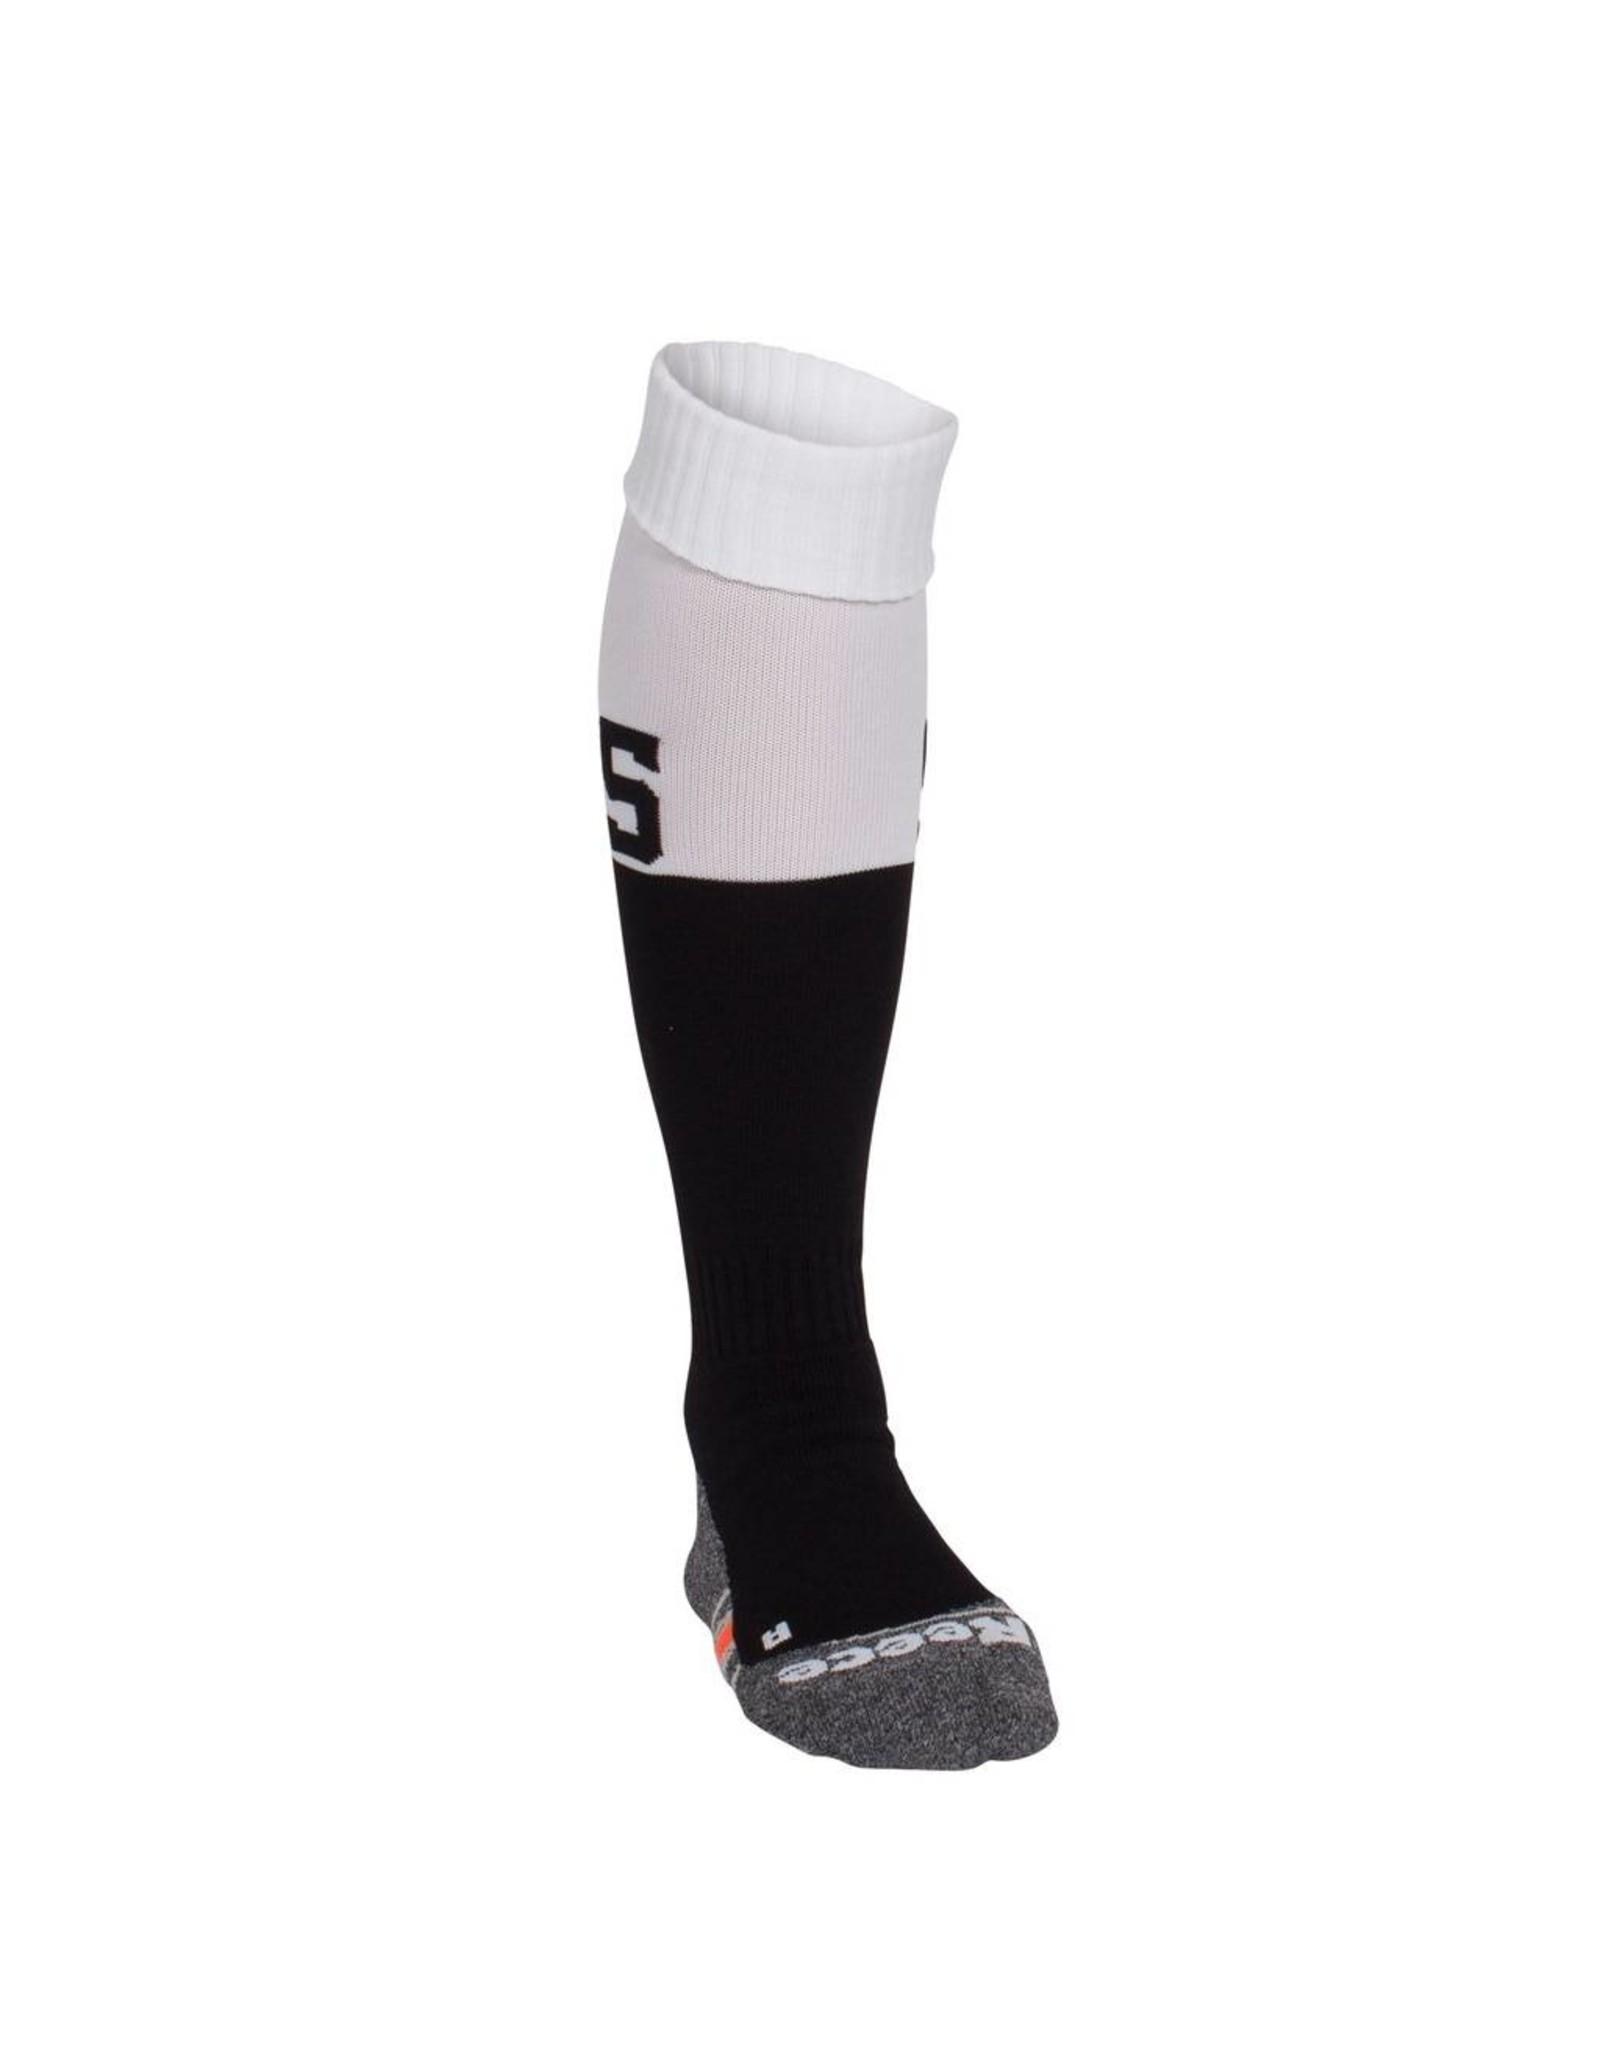 Reece Numbaa Special Sock